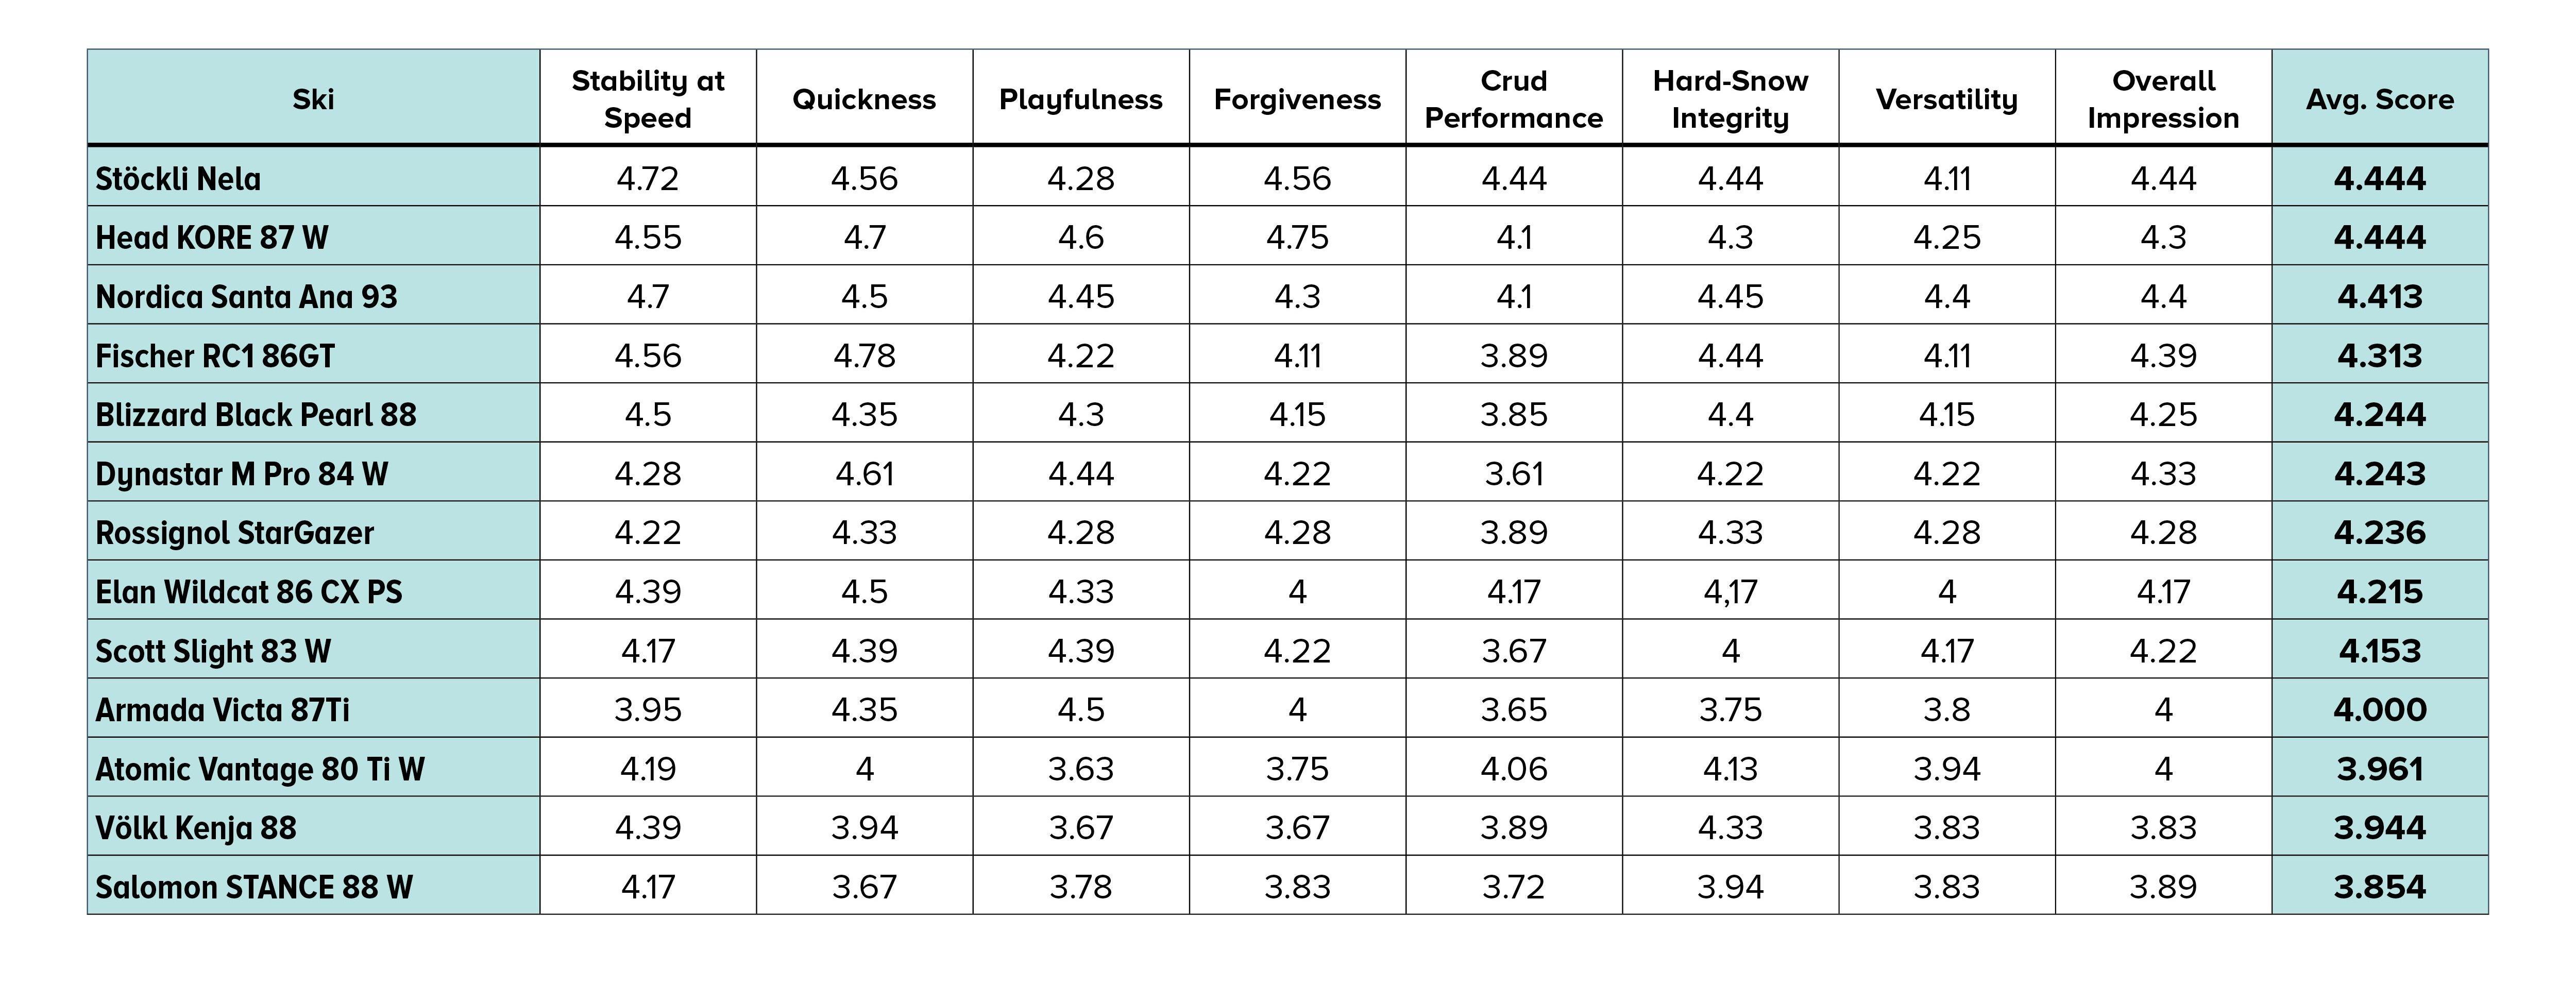 2021 SKI Test Scores for Women's Frontside Skis